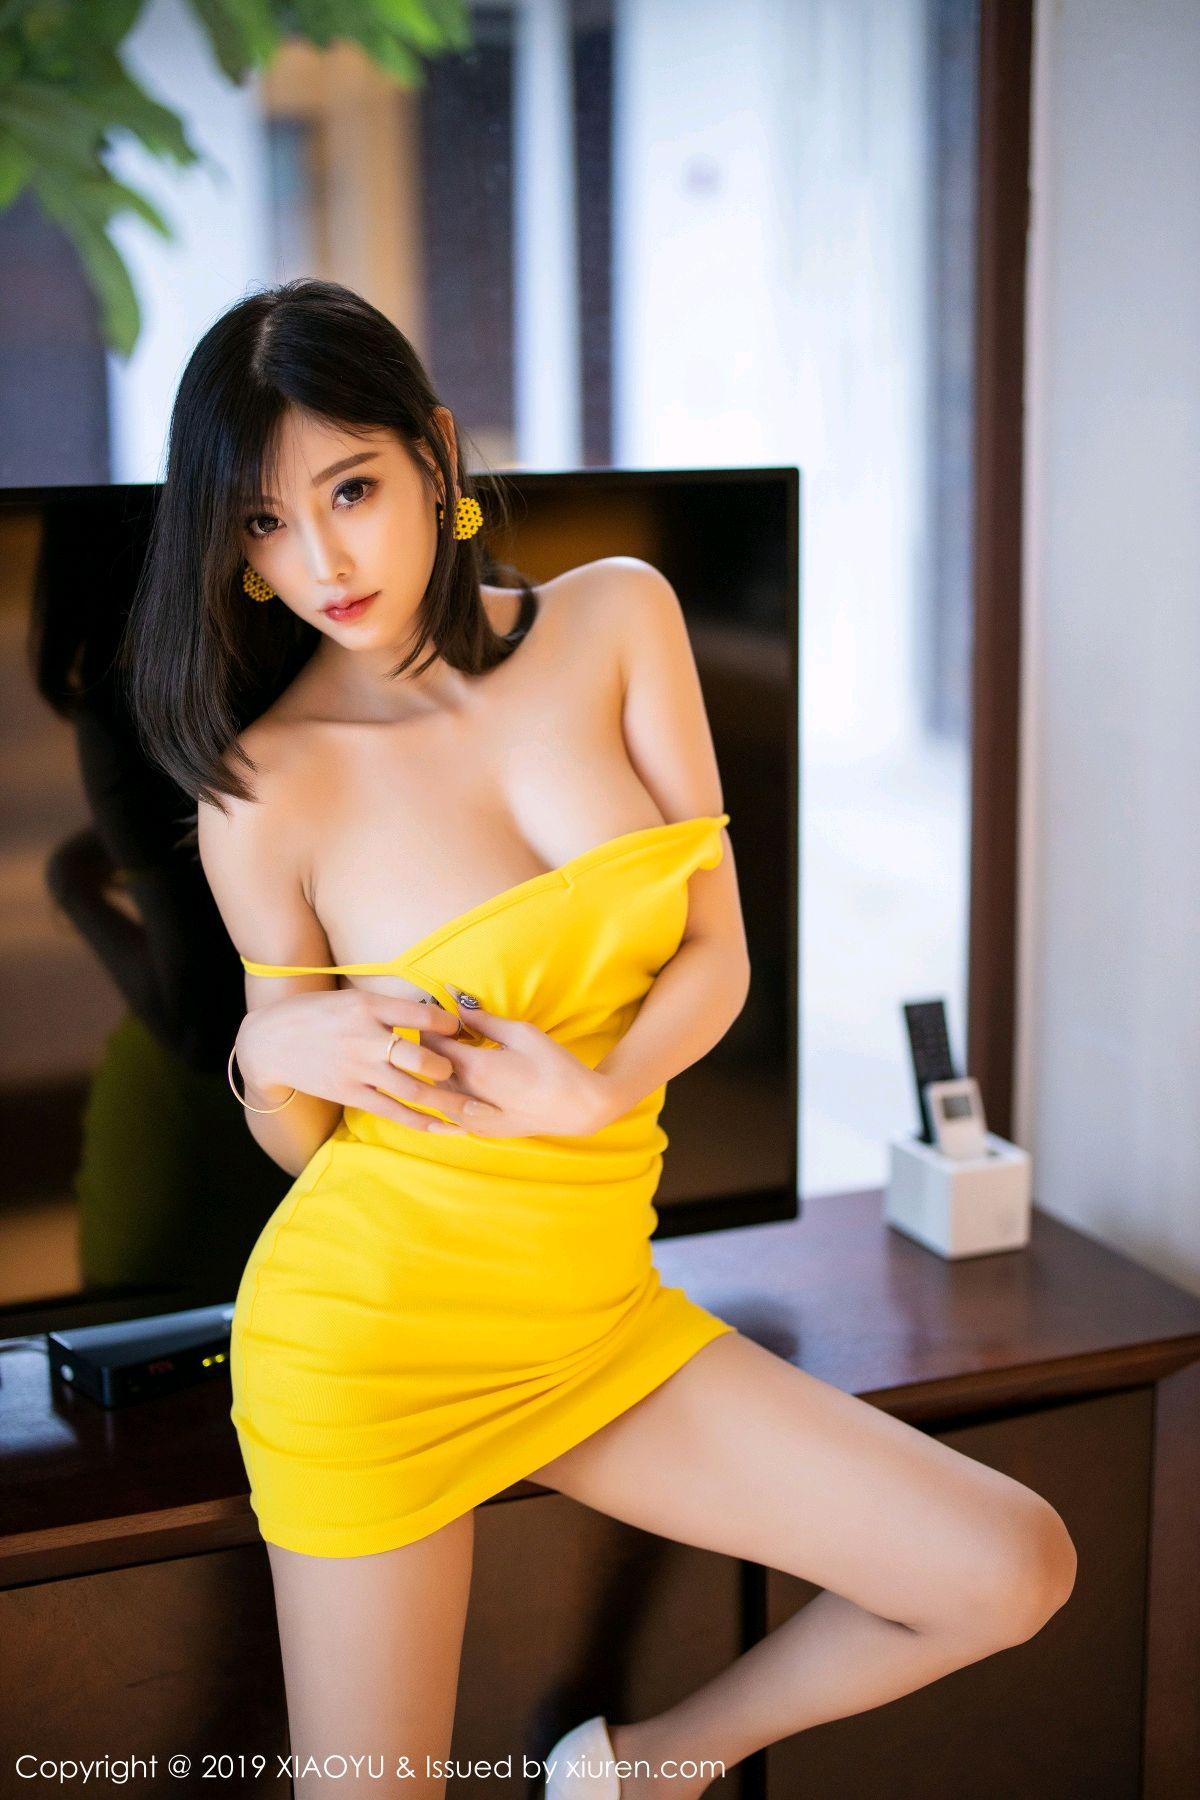 [XiaoYu] VOL.204 Yang Chen Chen 28P, Pure, XiaoYu, Yang Chen Chen